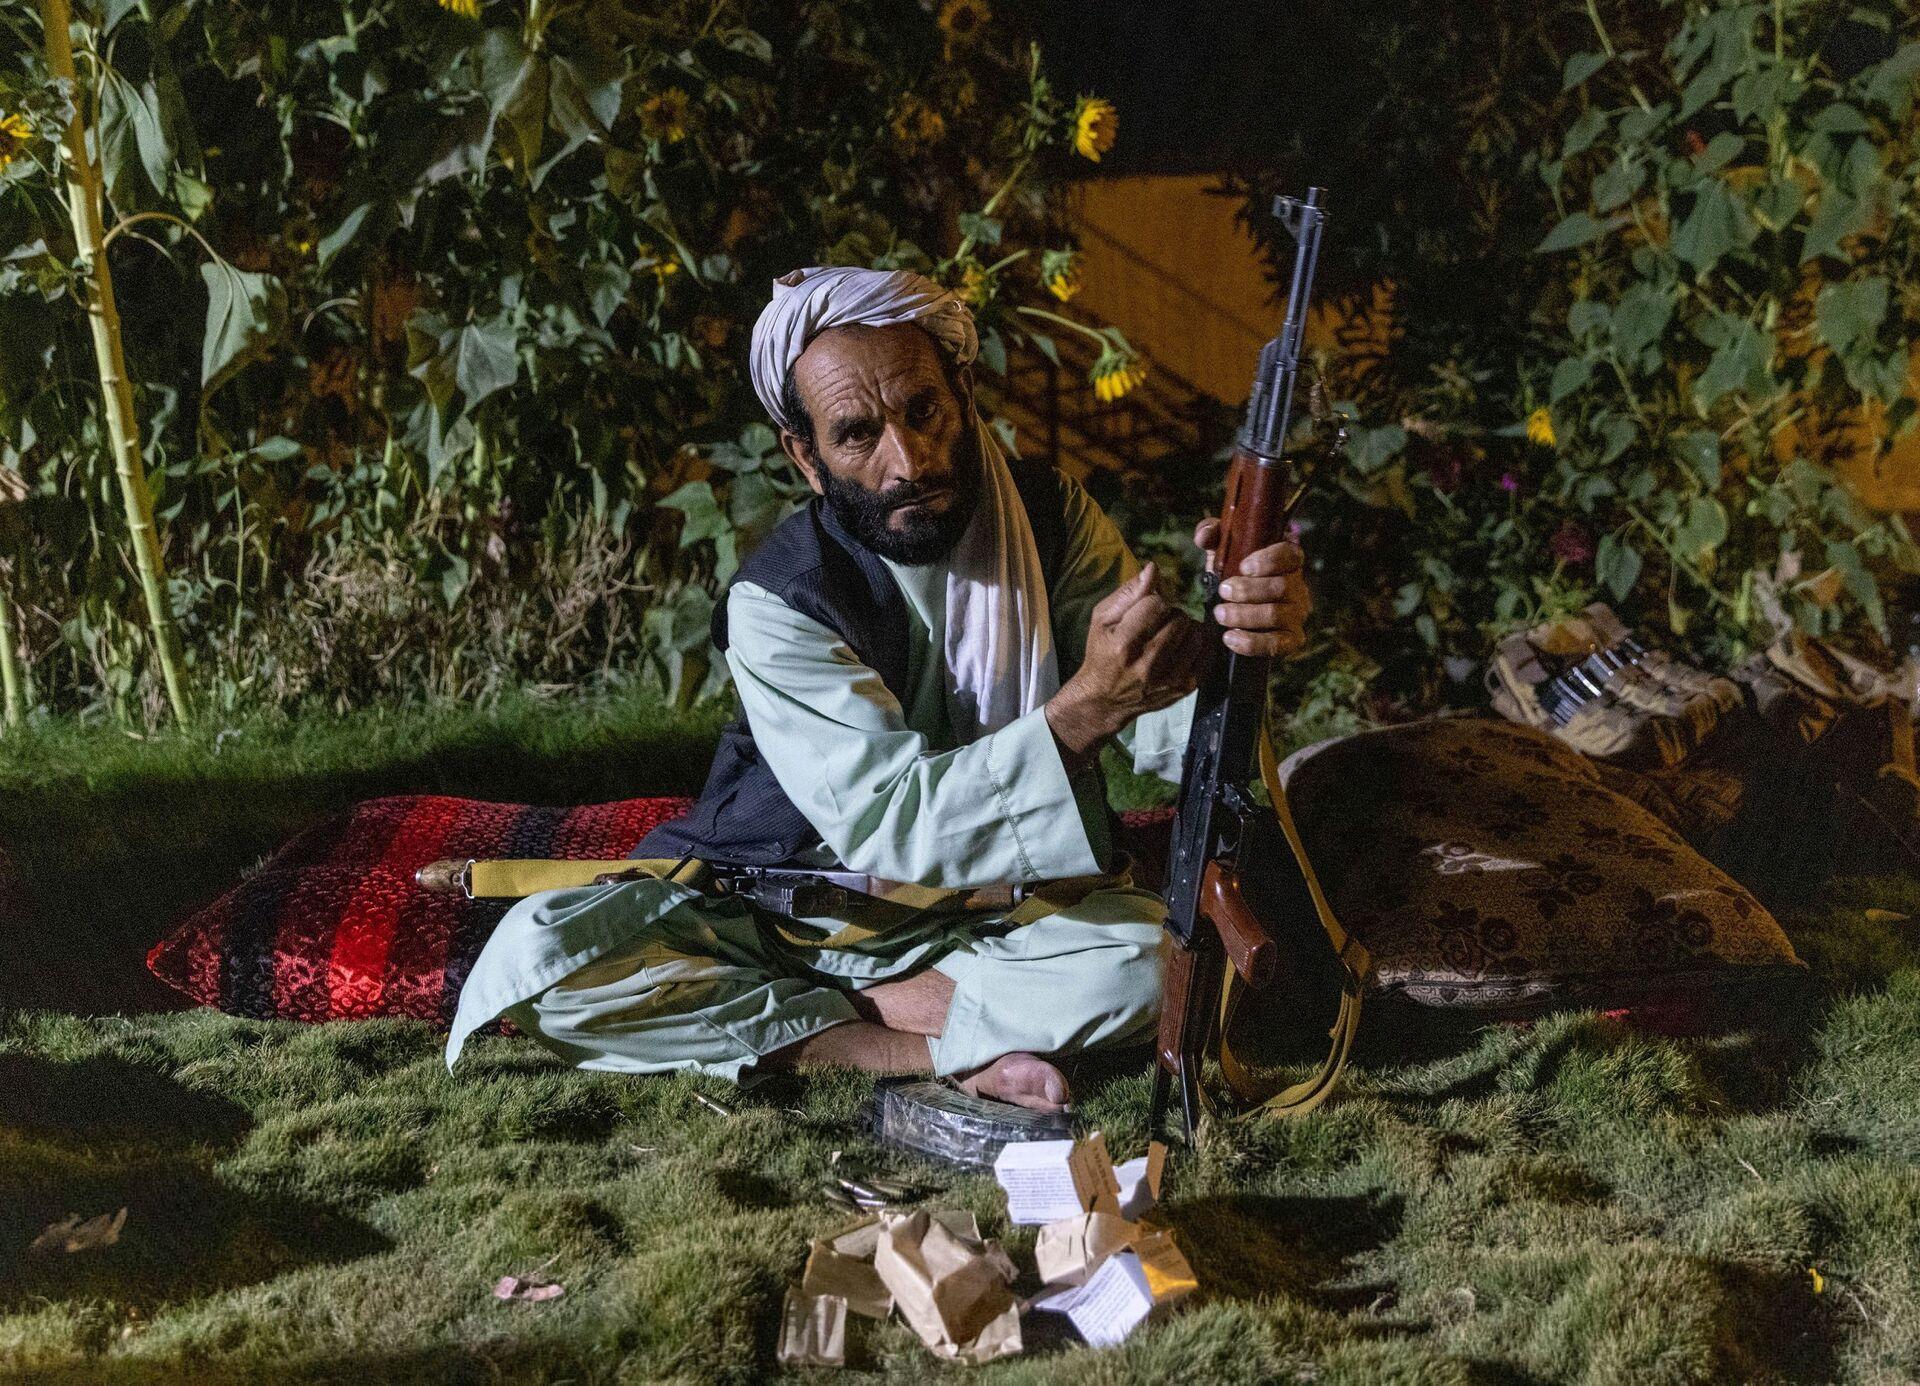 Một dân quân tải súng trường của mình ở tỉnh Kandahar, Afghanistan, ngày 12 tháng 7 năm 2021 - Sputnik Việt Nam, 1920, 05.10.2021